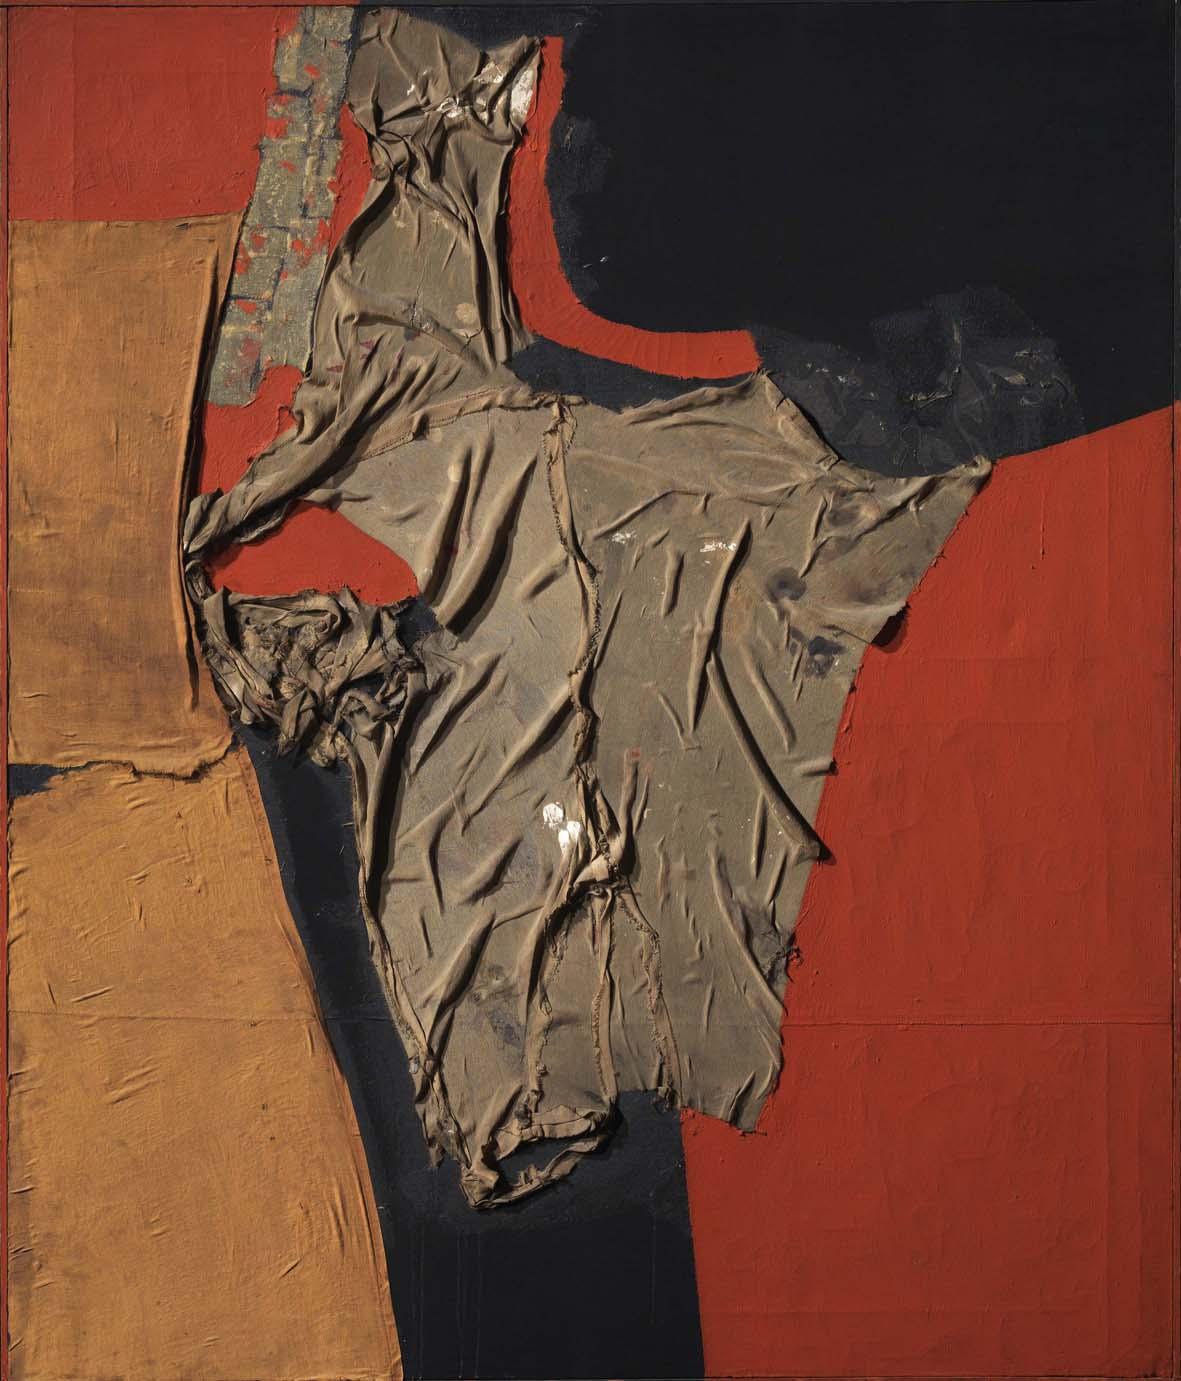 Alberto Burri, Rosso nero, 1955, stoffa, olio, vinavil su tela, cm 100 x 86